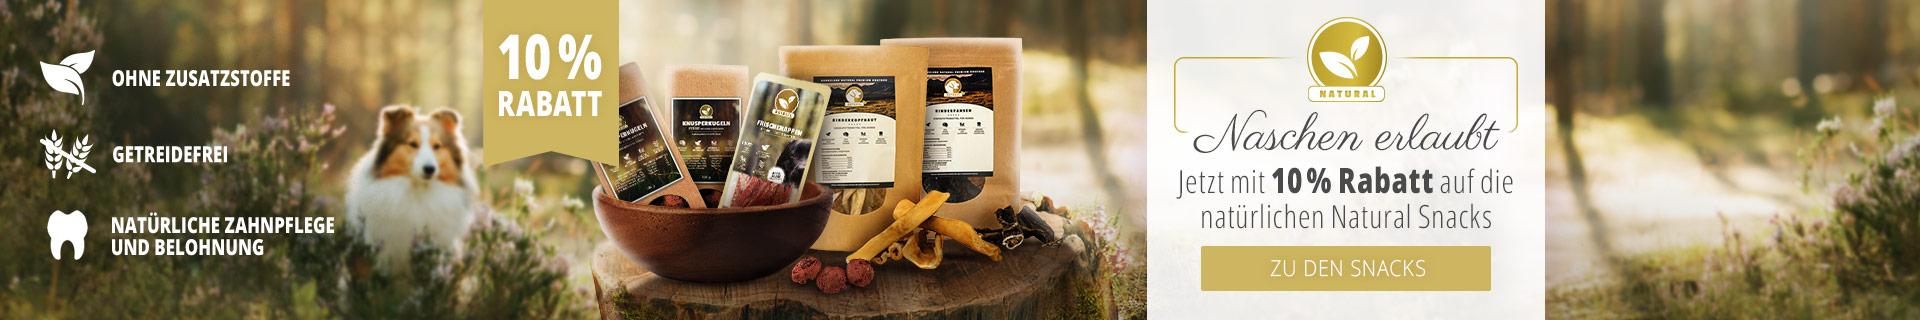 Naschen erlaubt mit 10 Prozent Rabatt auf die natürlichen Natural Snacks